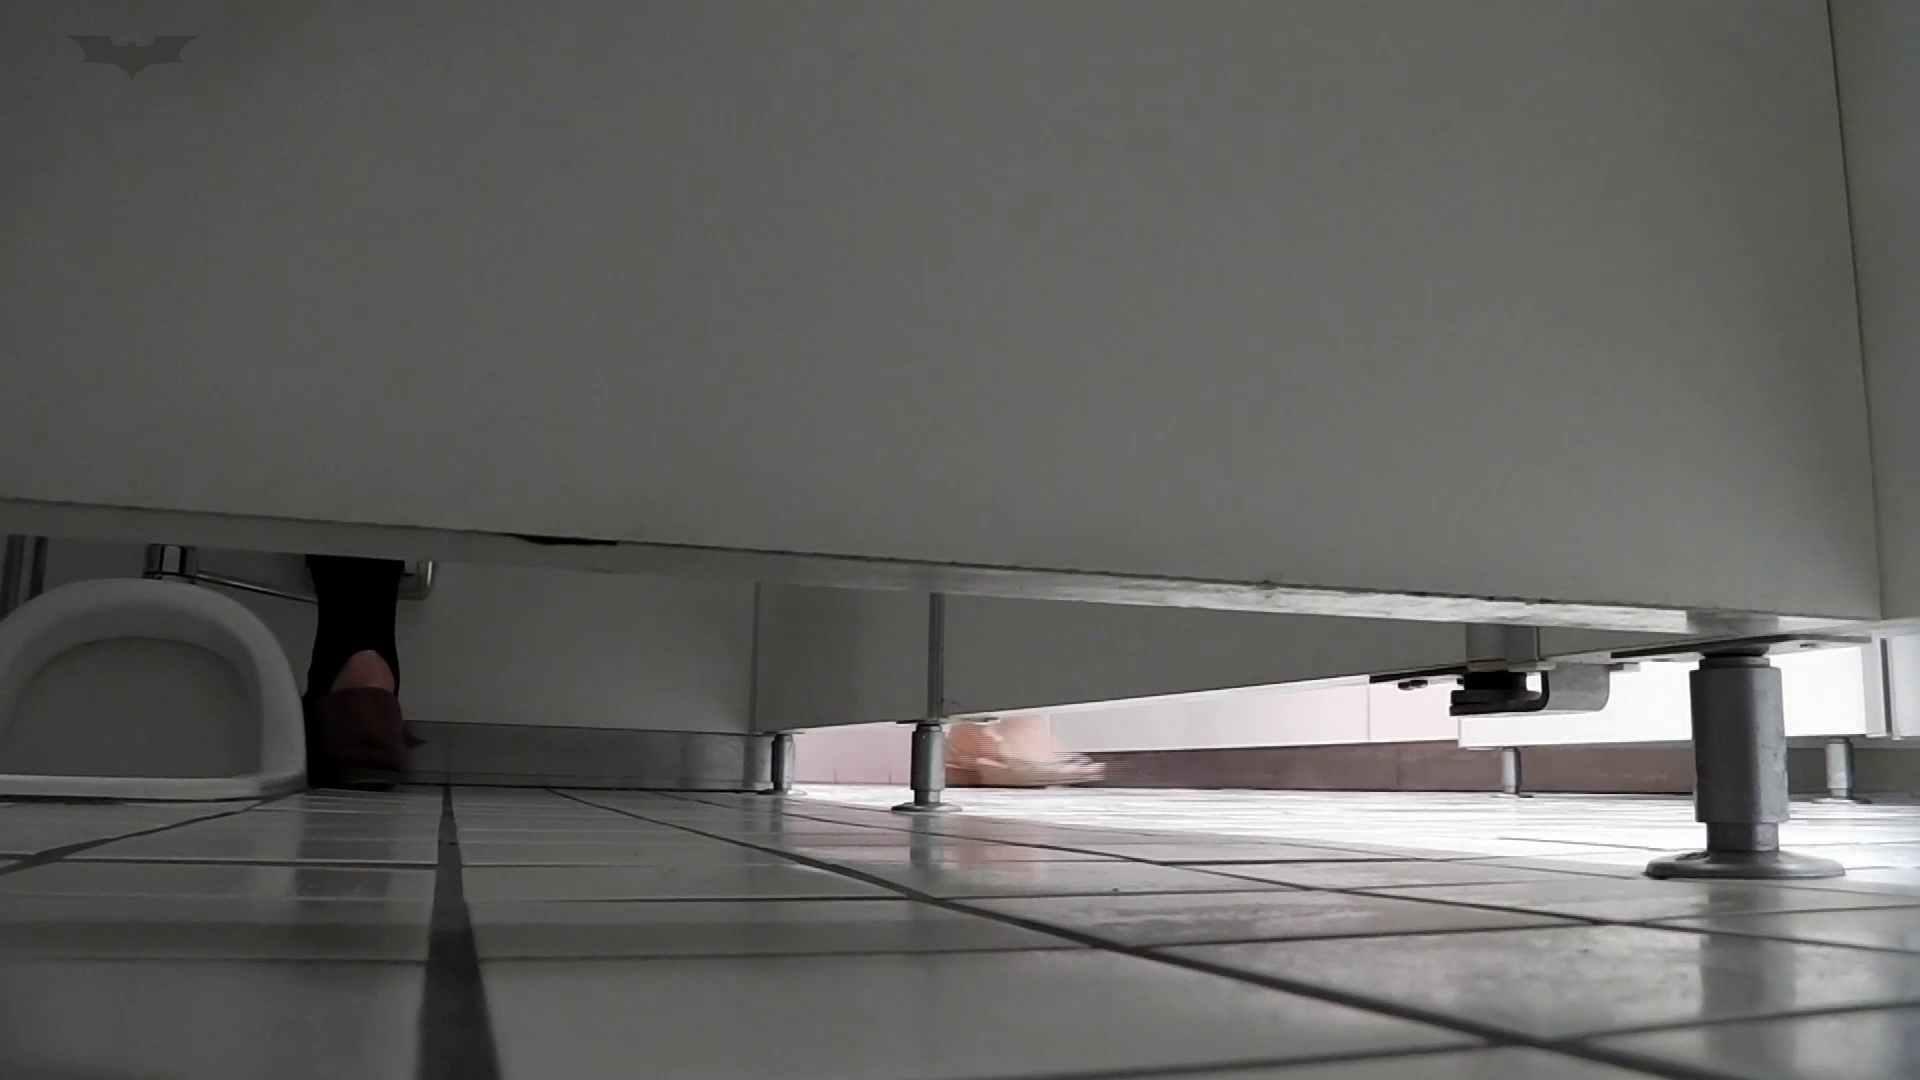 美しい日本の未来 No.29 豹柄サンダルは便秘気味??? おまんこ  109pic 99